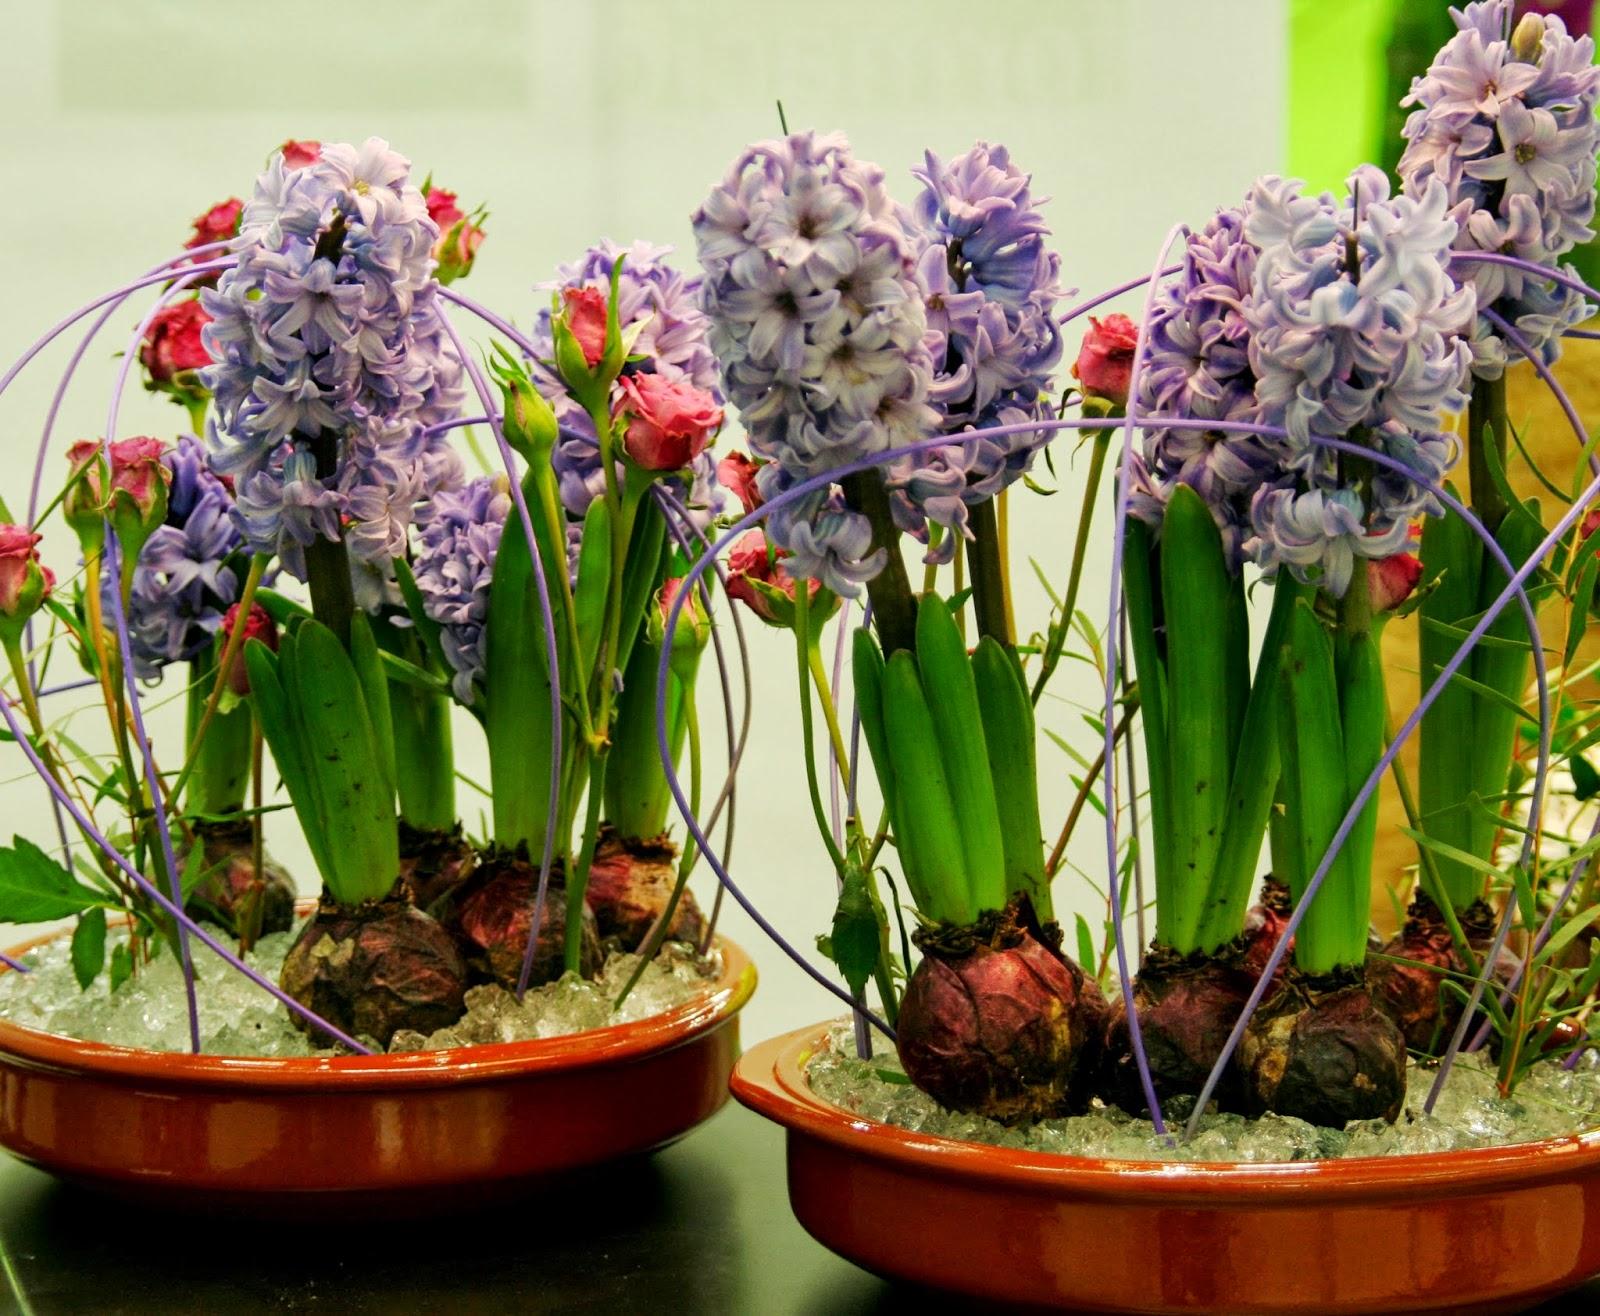 Peces y plantas ornamentales hyacinthus spp jacinto for 6 plantas ornamentales